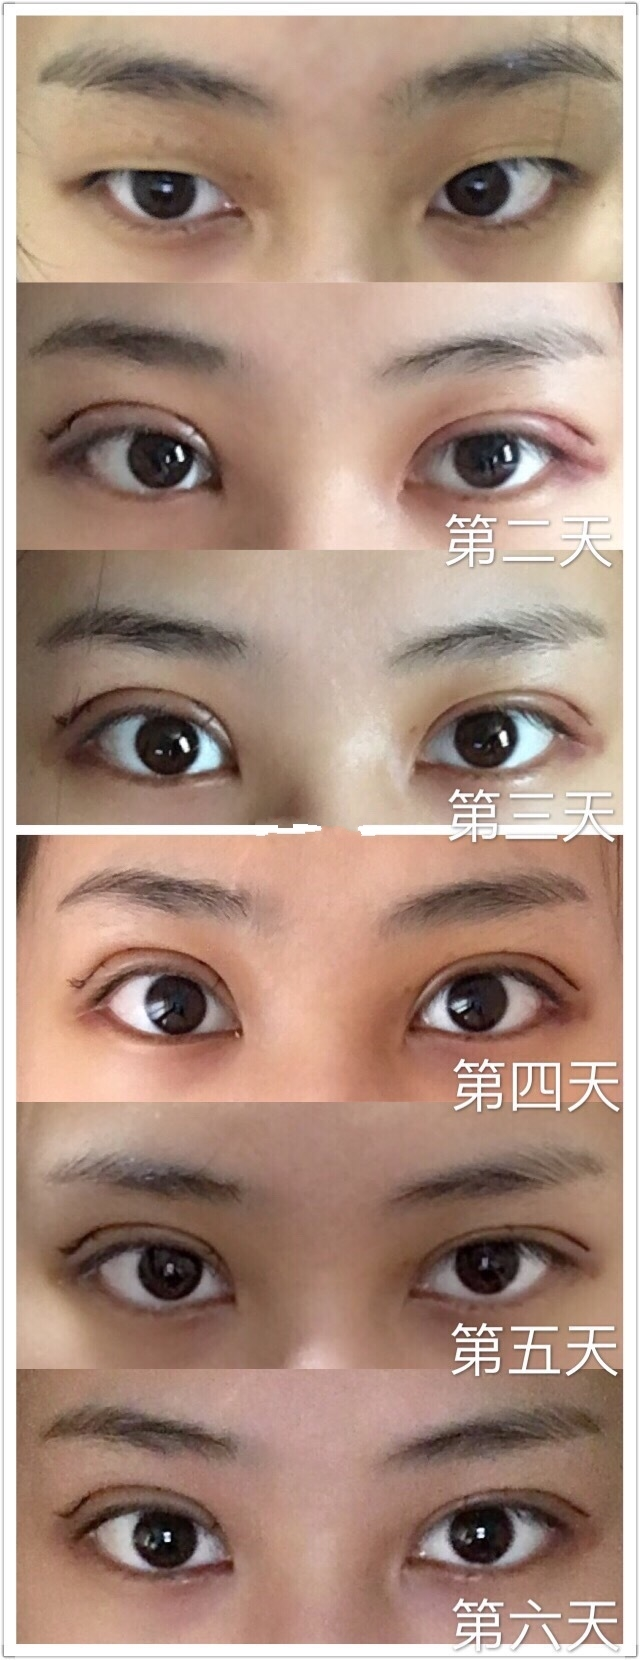 上海九院朱慧敏医生全切双眼皮+去皮去脂案例 给大家看看咯